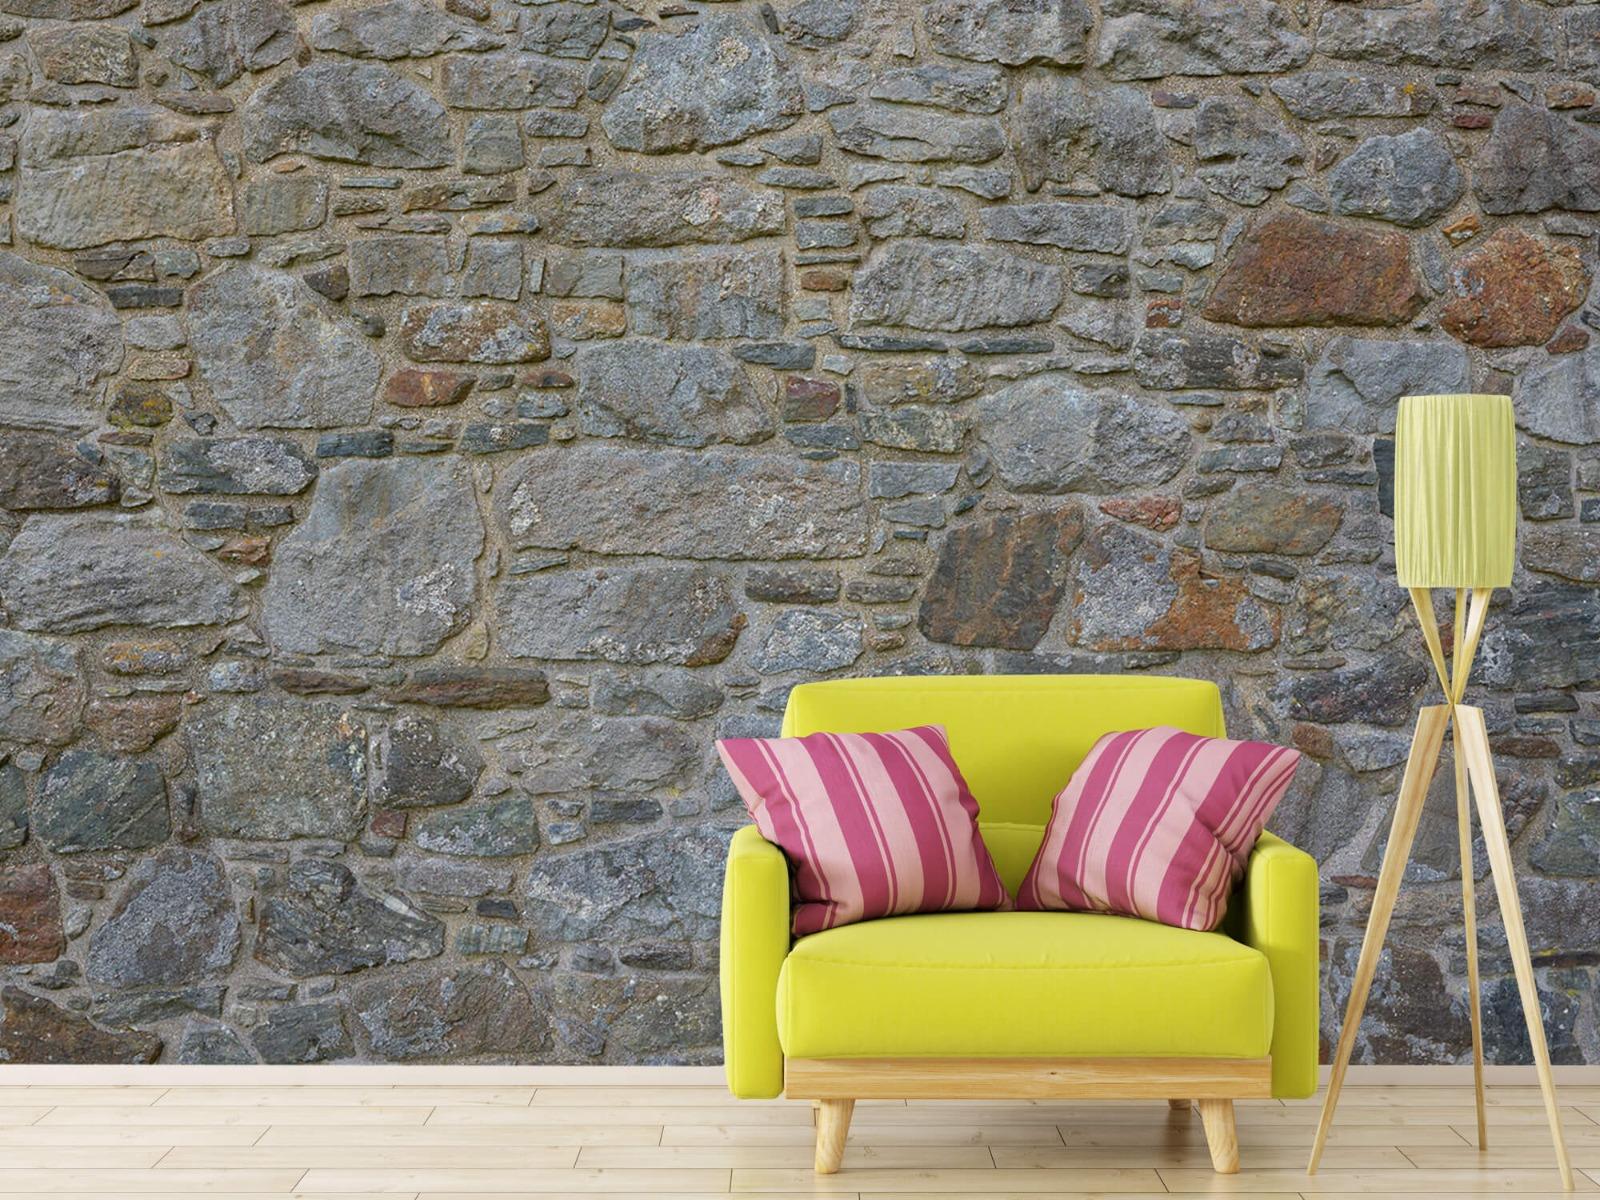 Papier peint en pierre - Mur de pierre médiéval - Chambre à coucher 18